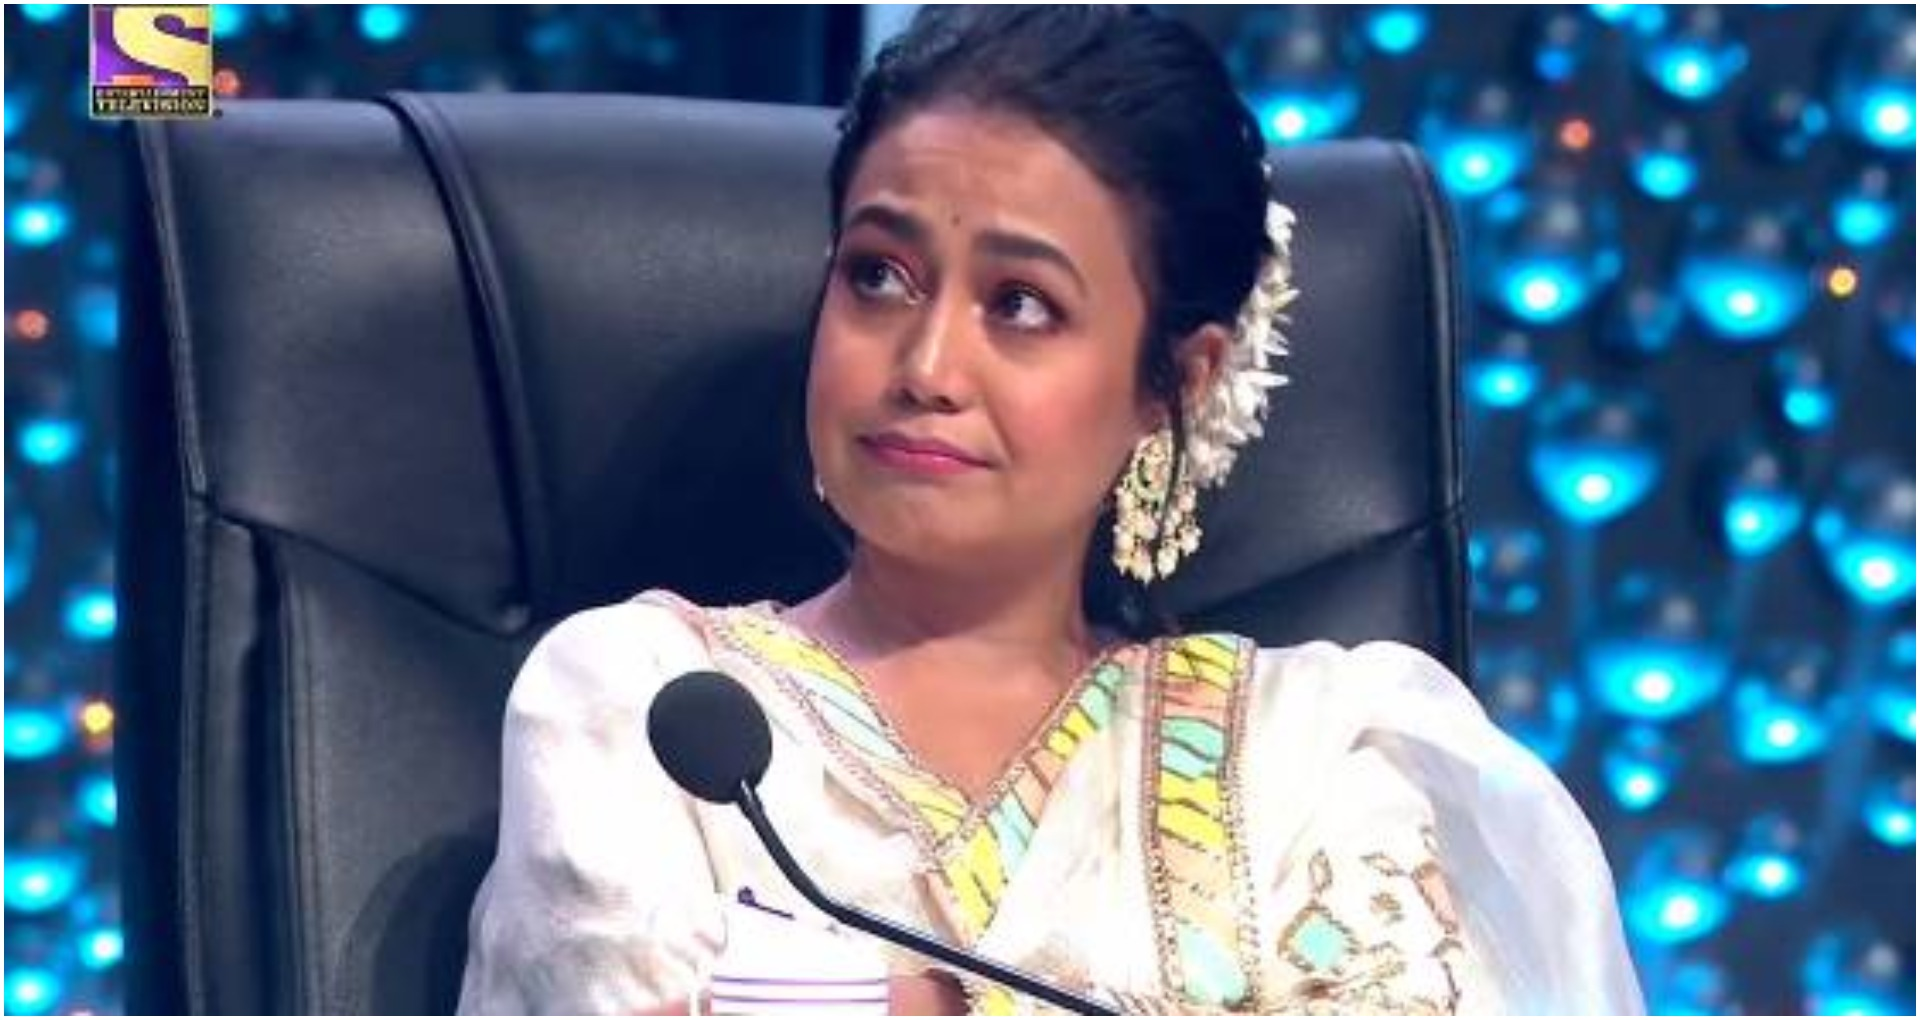 Indian Idol 11: 'इंडियन आइडल 11' के मंच पर नेहा कक्कड़ हुई भावुक, जानिये वजह